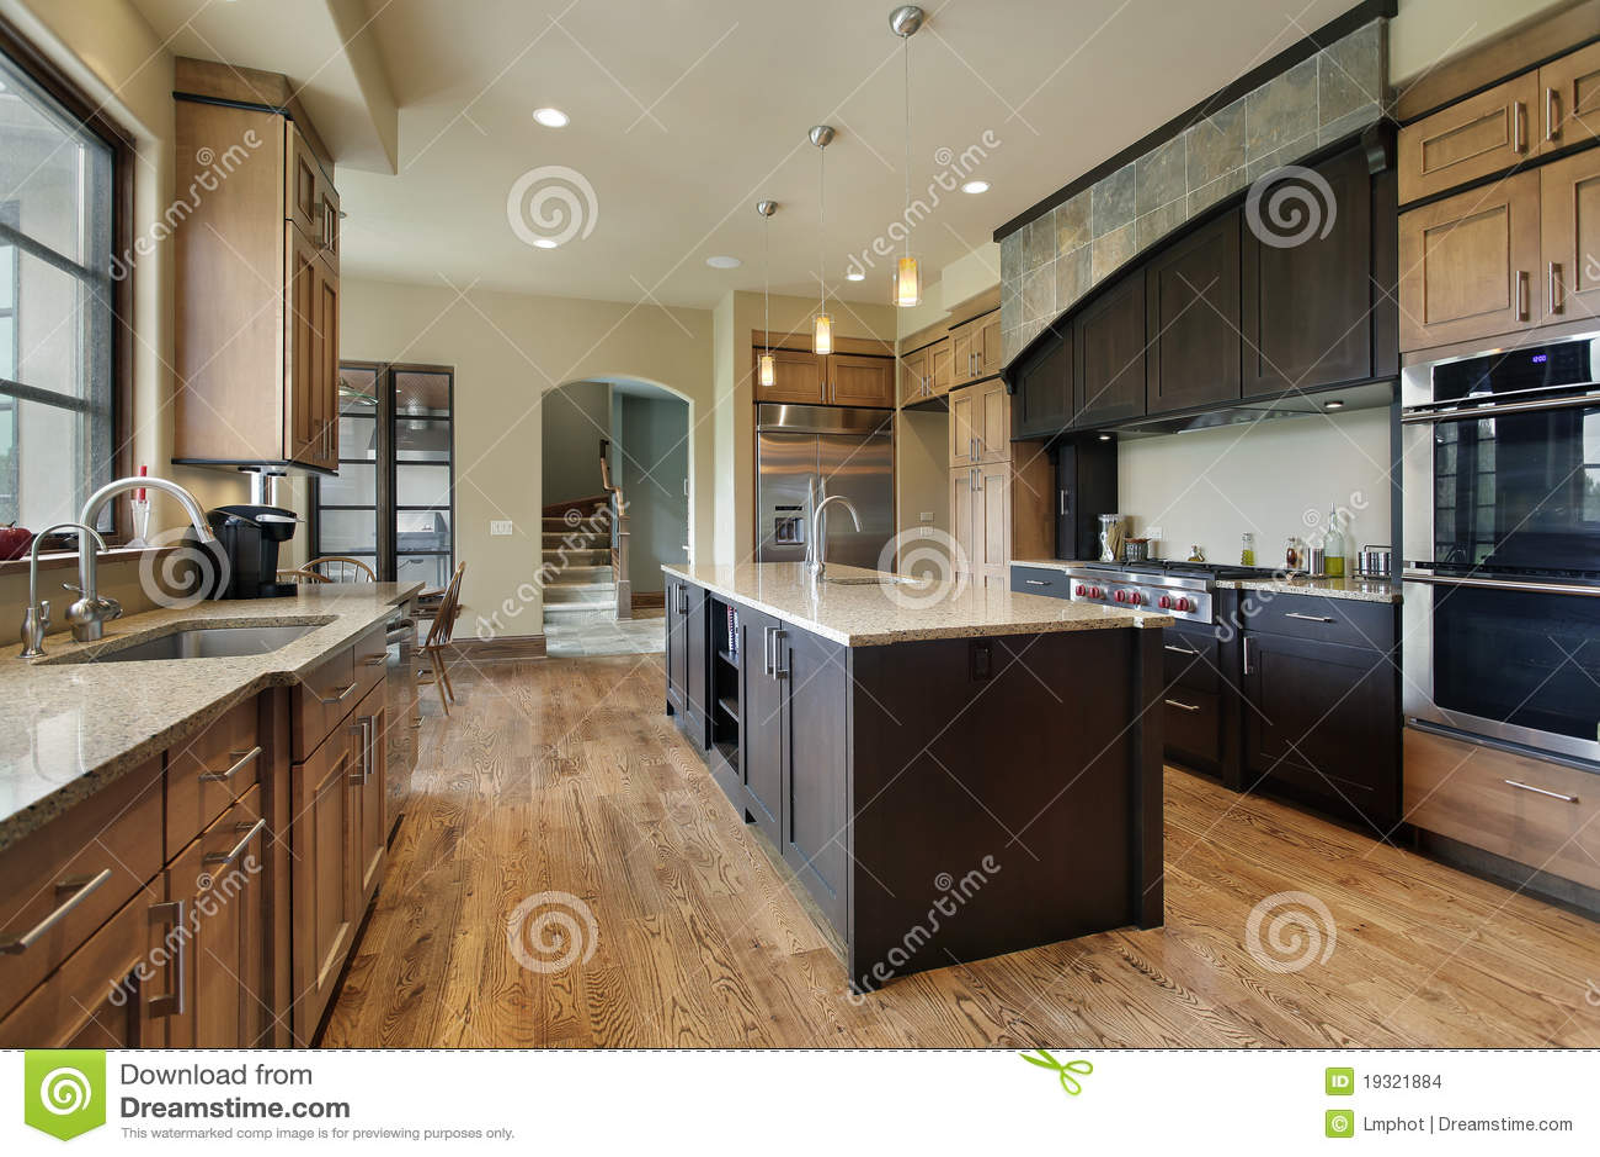 Küche Mit Großer Mittelinsel Stockfoto - Bild von leben, modern ...